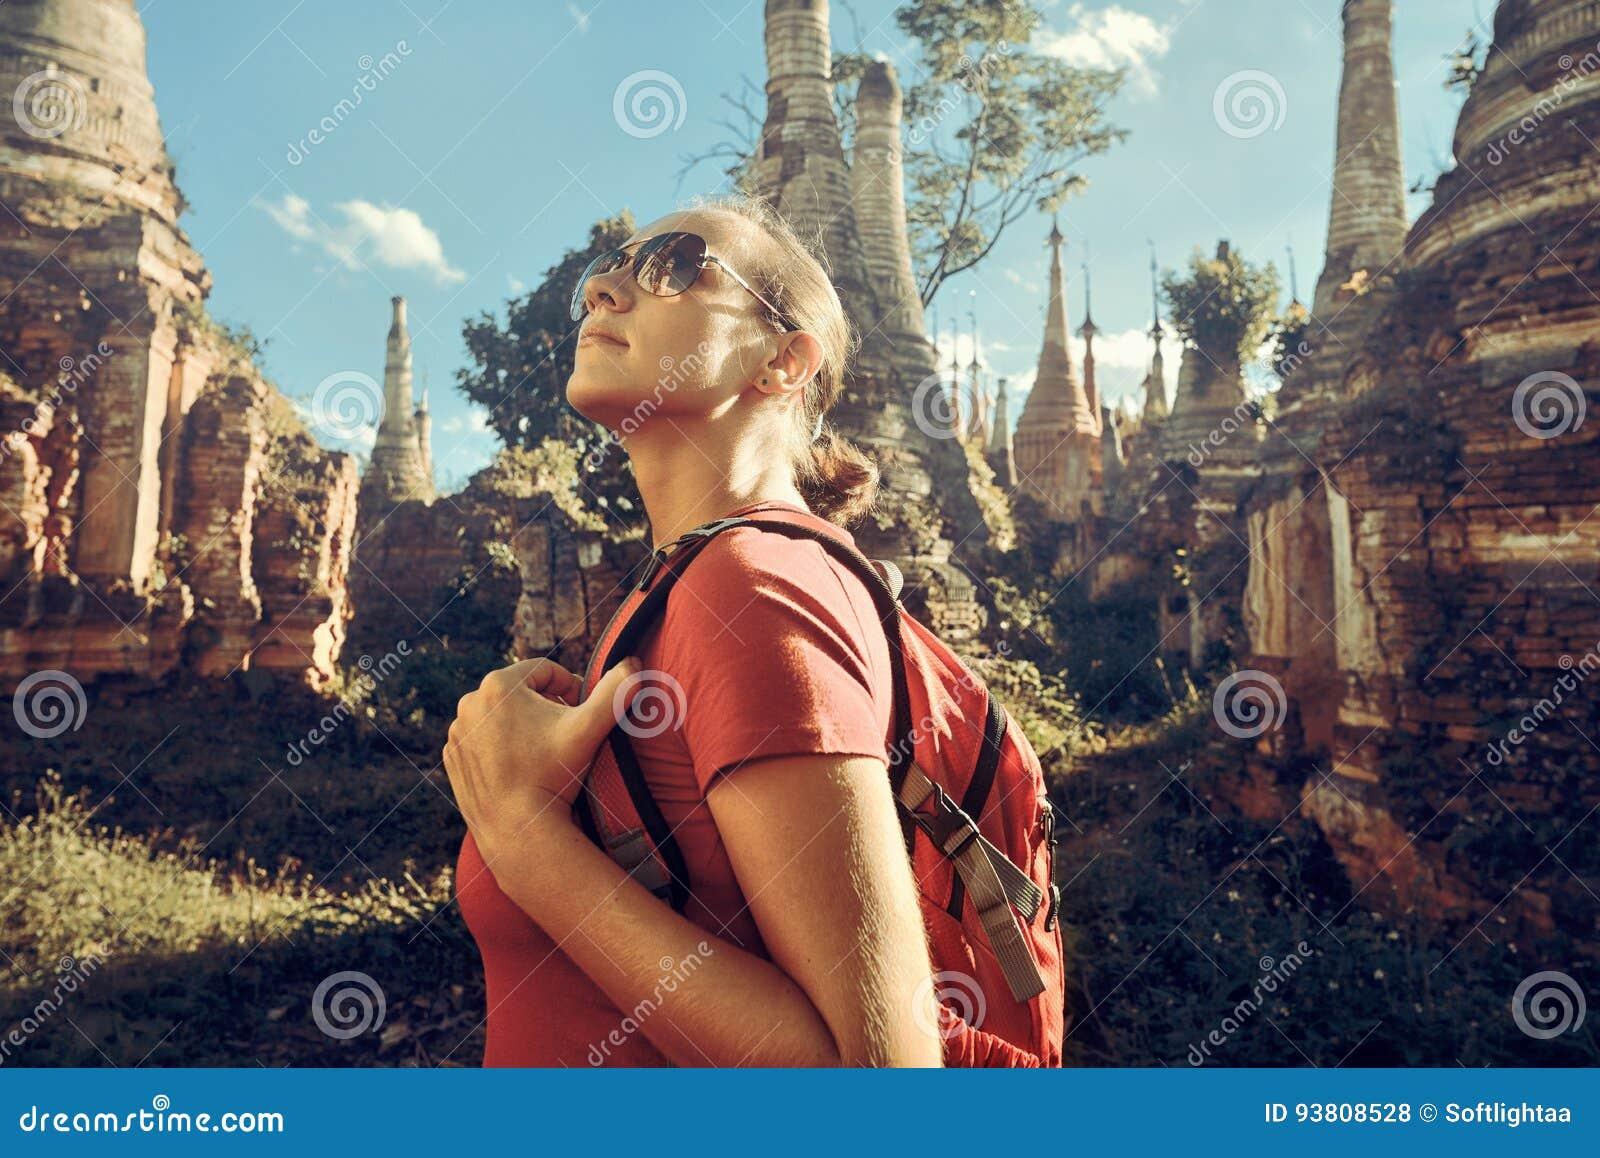 Wanderer mit Rucksack und erforschen buddhistische stupas in Birma